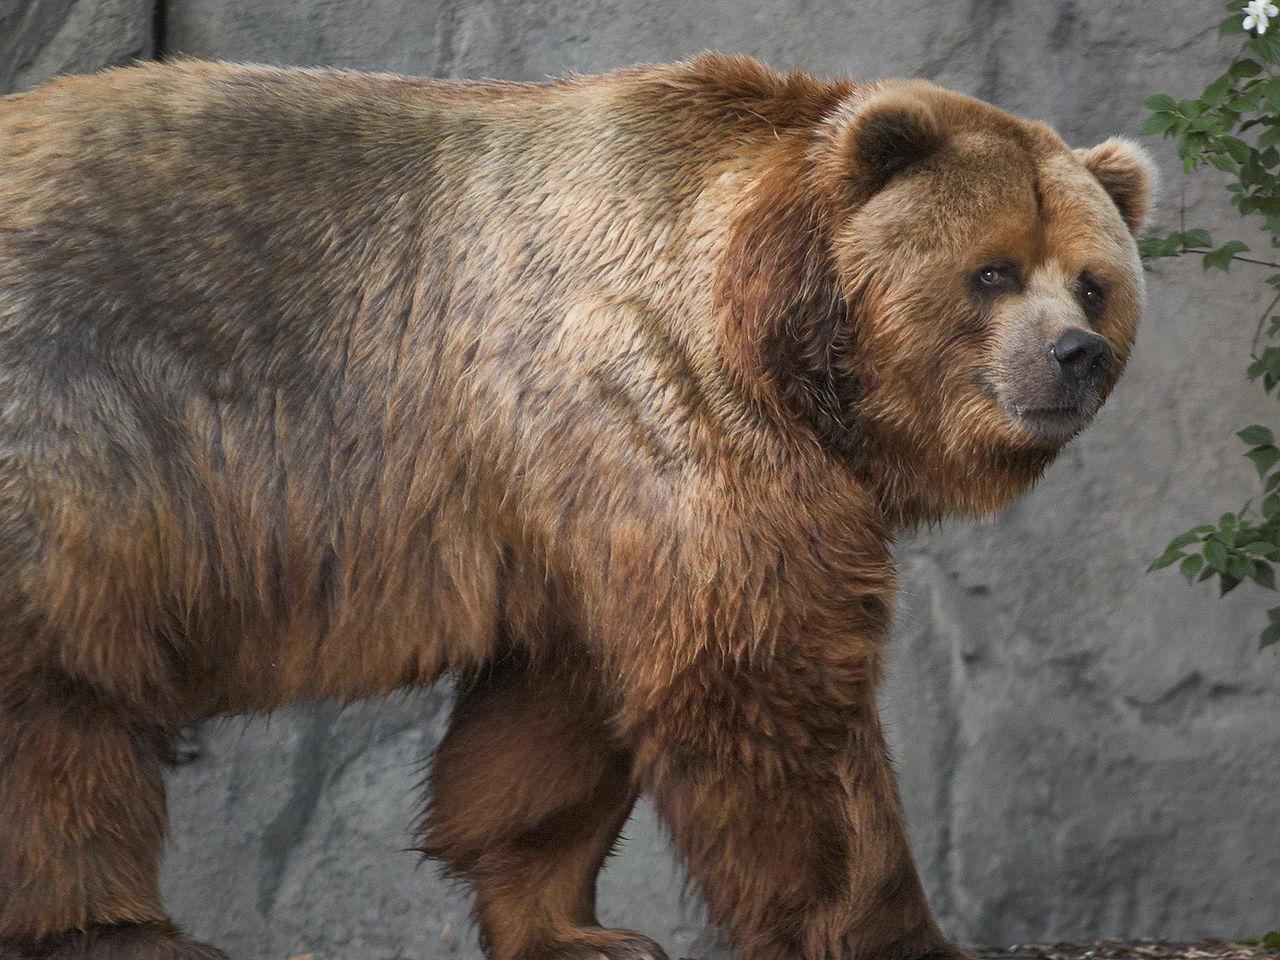 File:Kodiak Bear In Germany.jpg